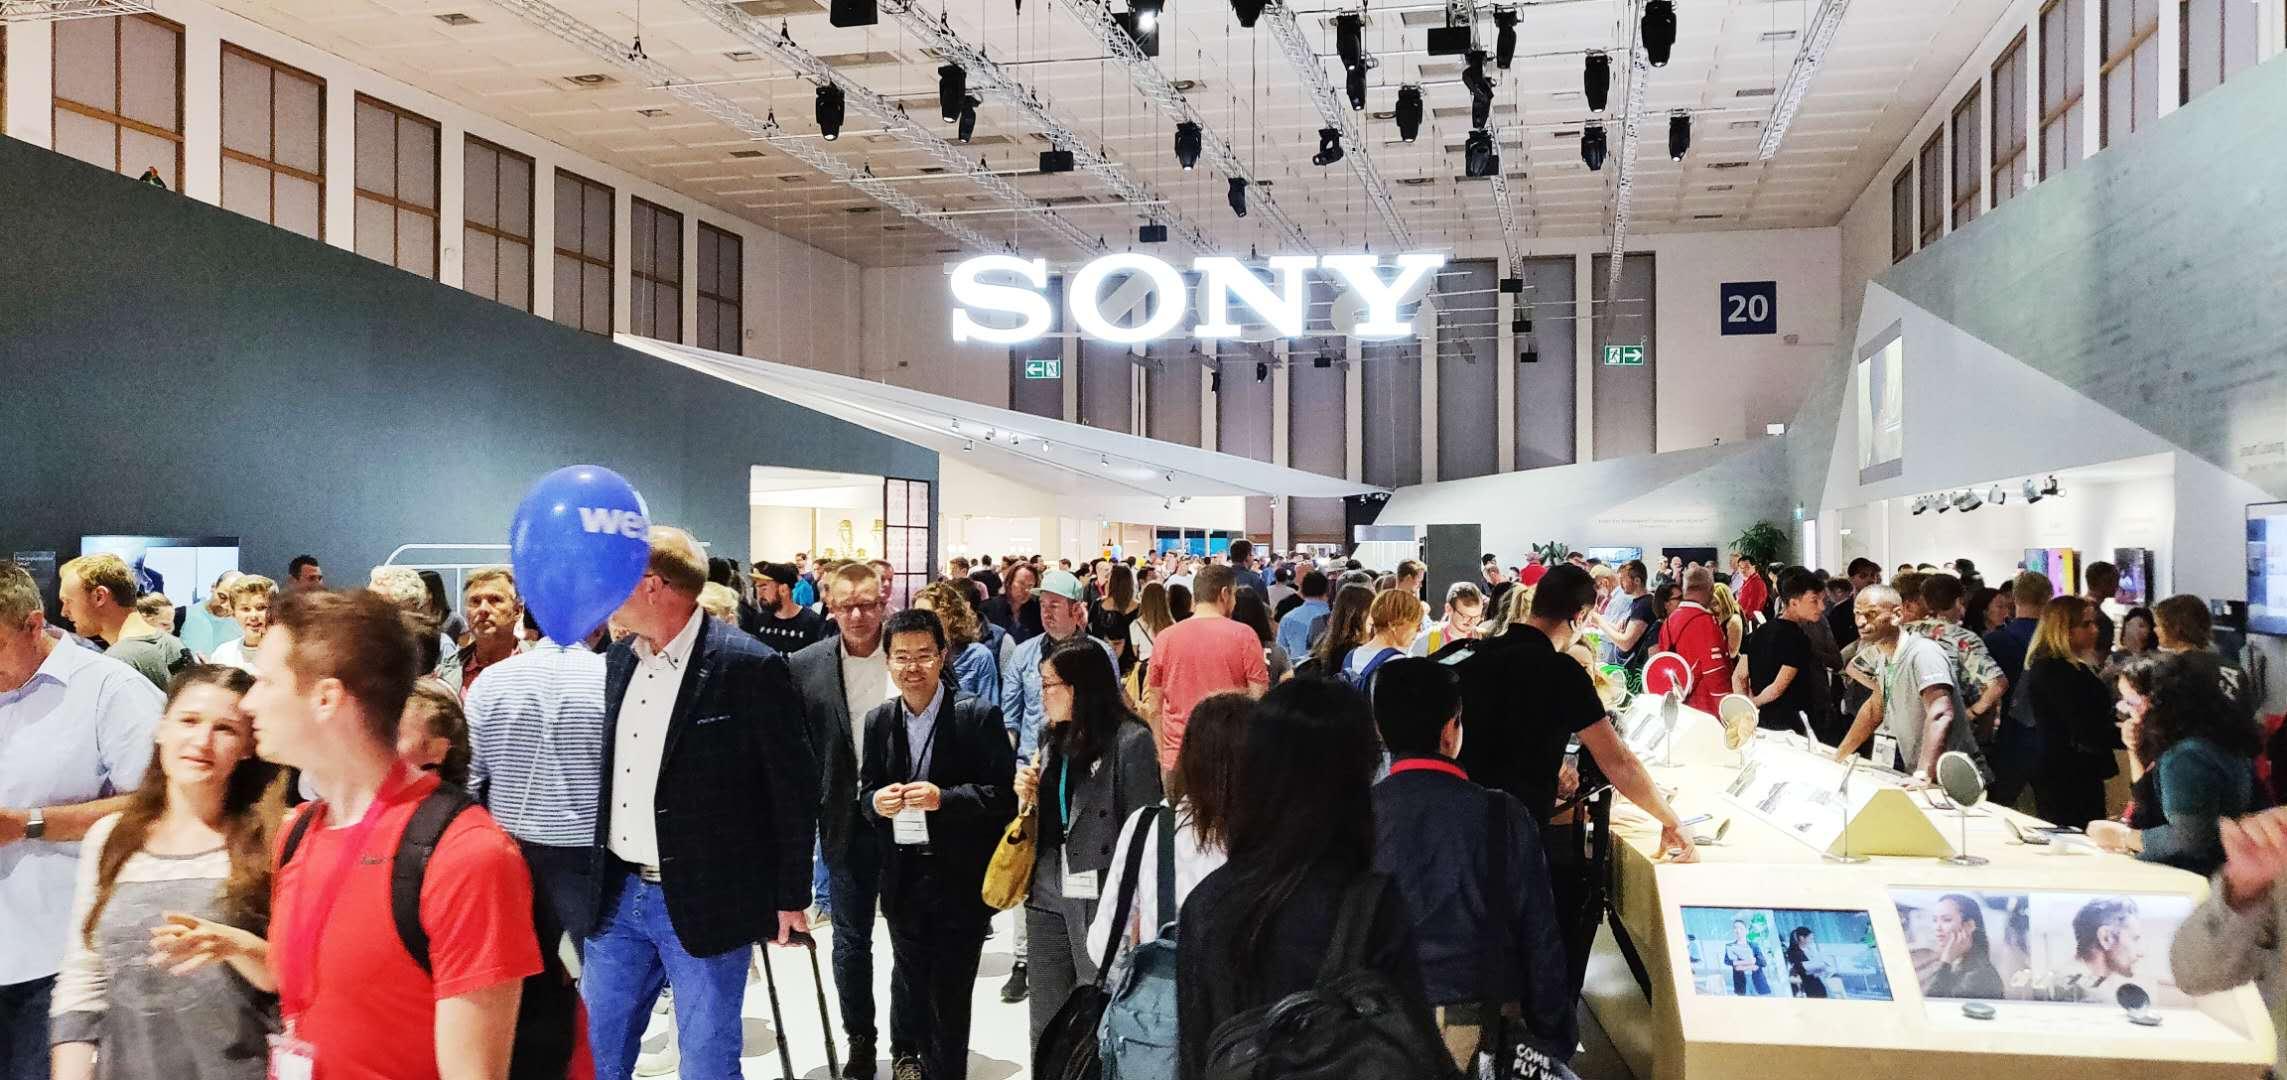 没错,索尼的相机展示区,作为日本企业的另一大佬,参观者也是人山人海,索粉还是很有带动力的。